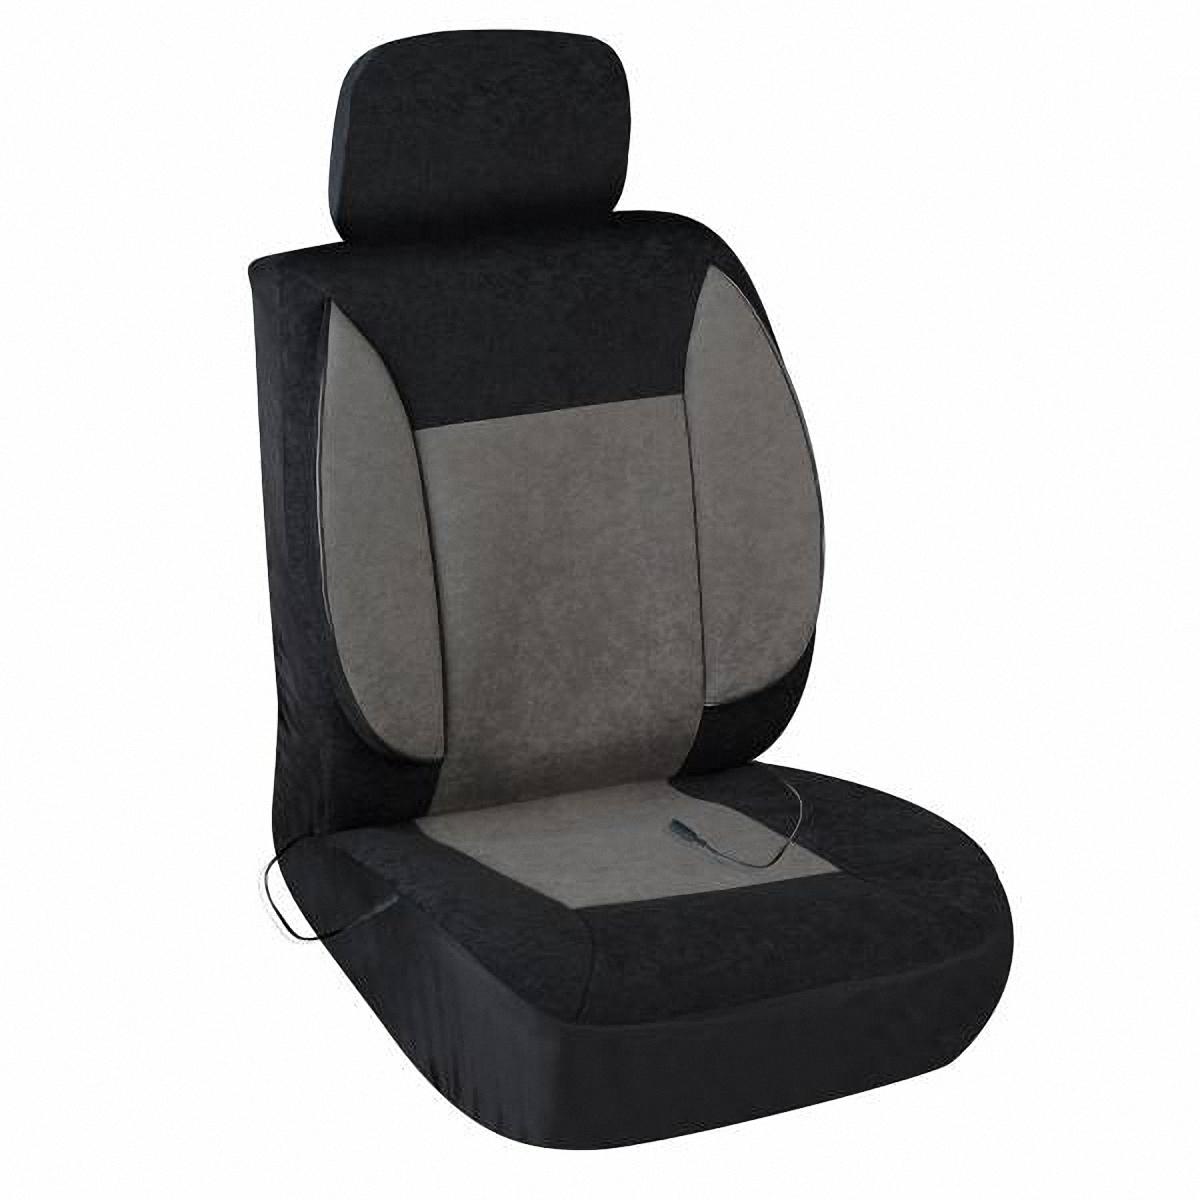 чехол для сиденья с подогревом и терморегулятором skyway s02202005 Чехол на сиденье Skyway, с подогревом. S02202006